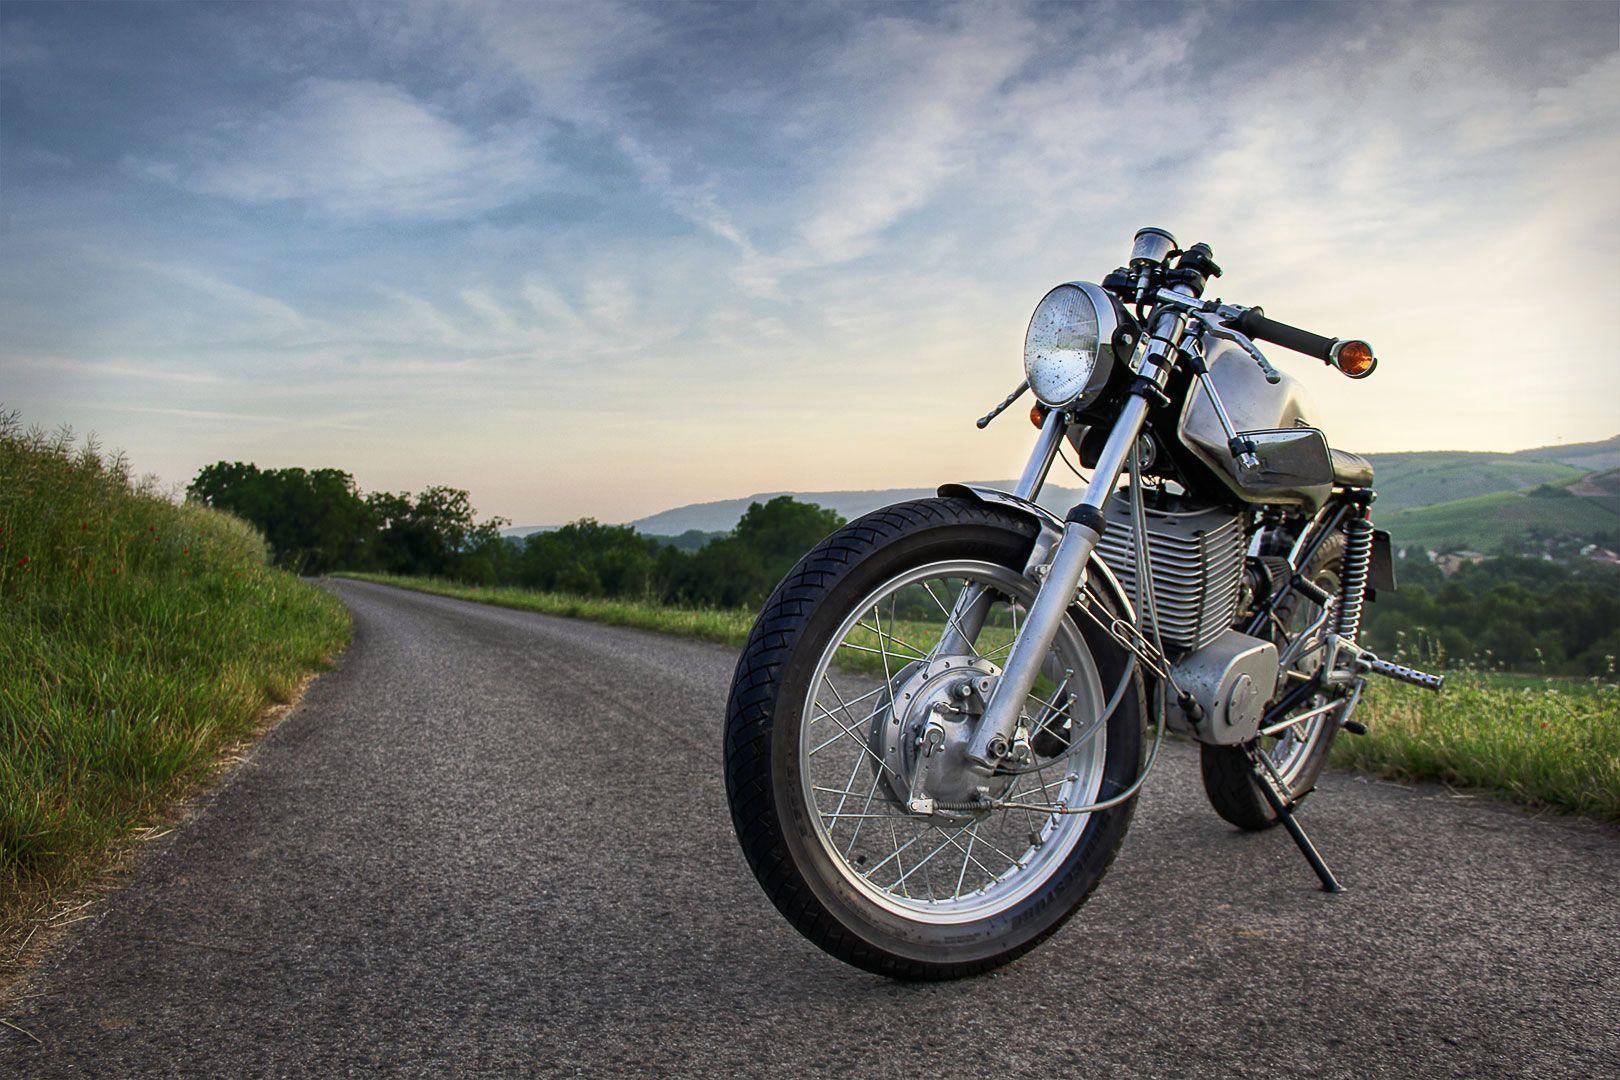 mz ts 250 cafe racer ratracer ostbikes umbau motorrad. Black Bedroom Furniture Sets. Home Design Ideas